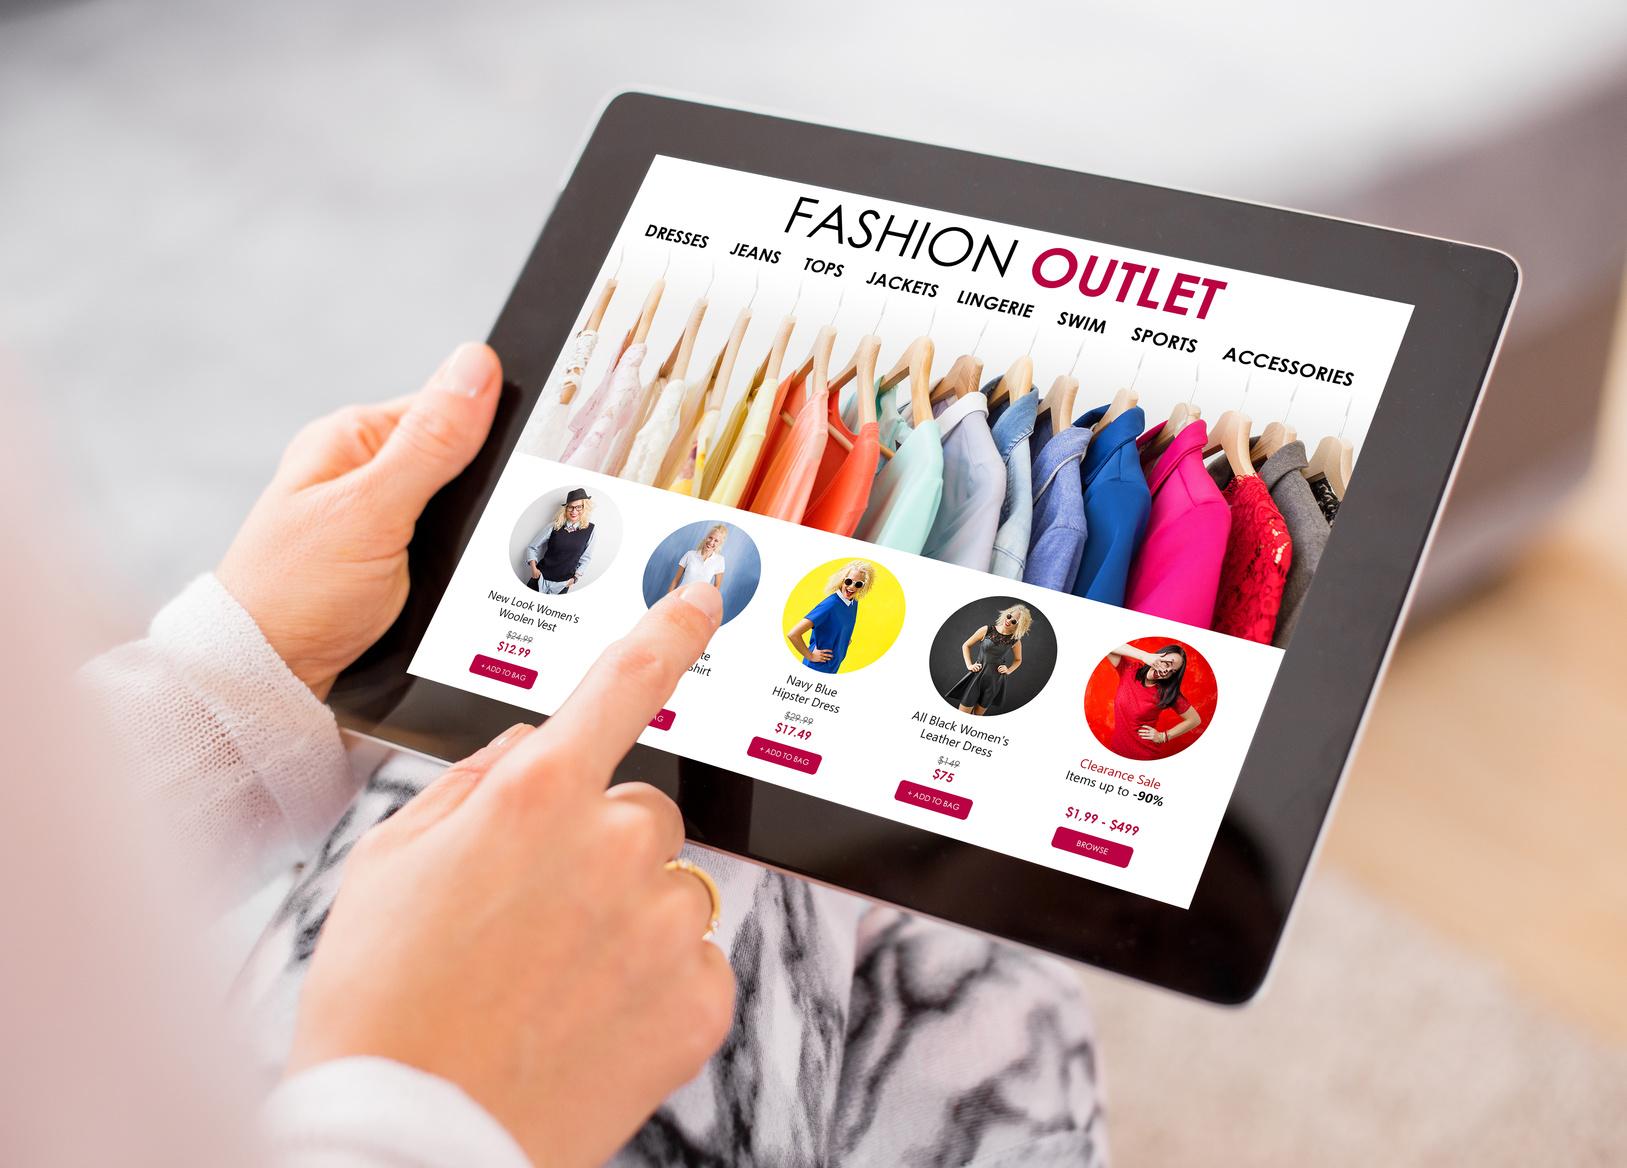 Top e commerce fashion websites Internet Retailer E-Commerce Online Retailing Top